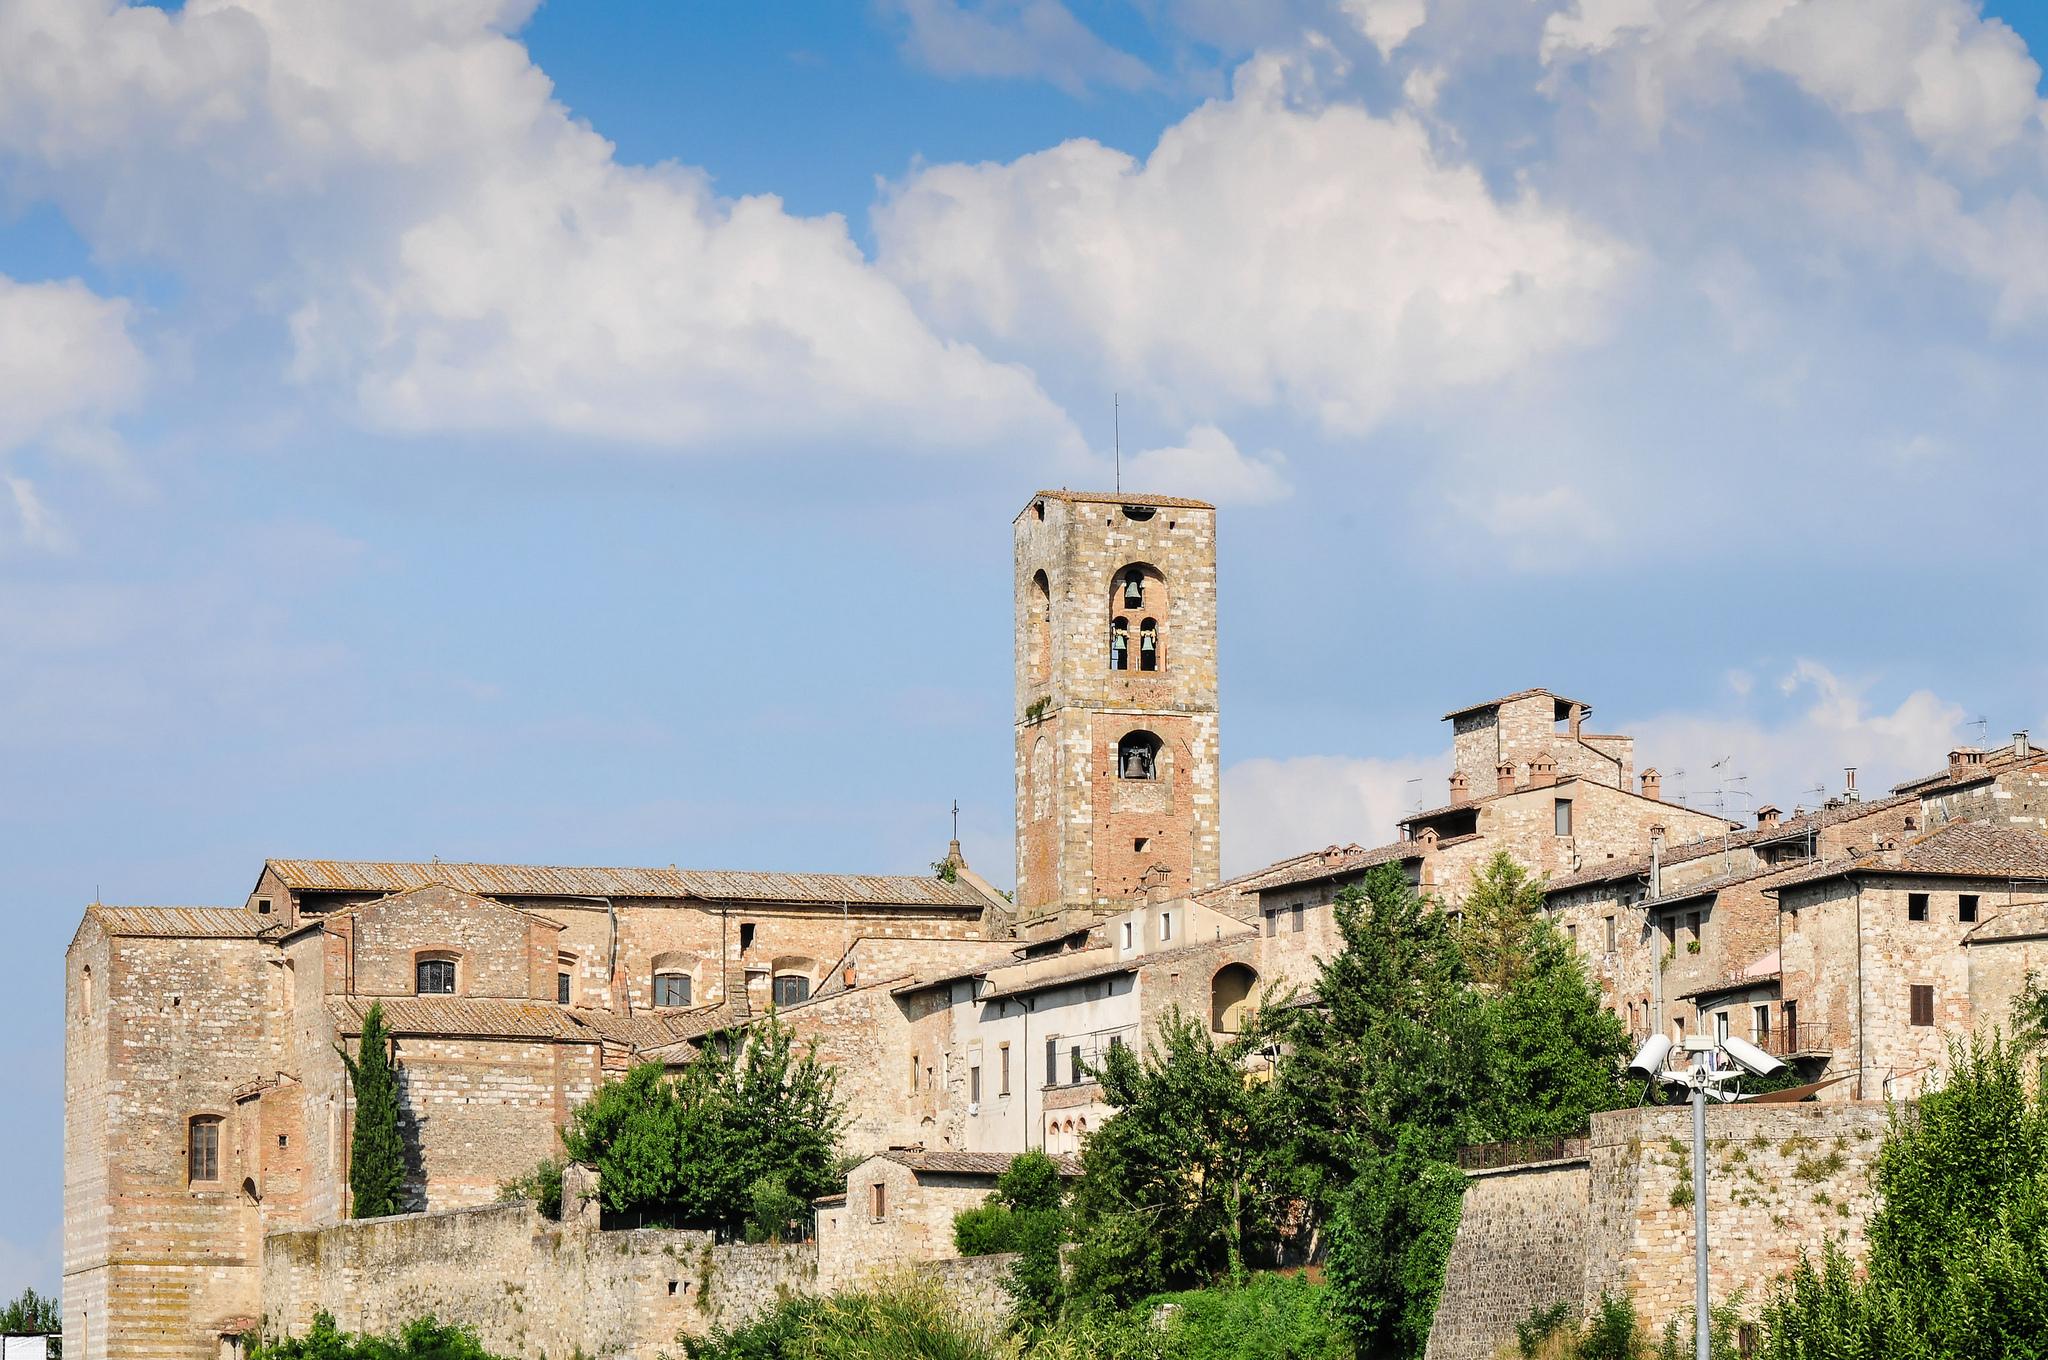 La Nuova Rassegna Teatrale Di Colle Di Val D 39 Elsa Siena News